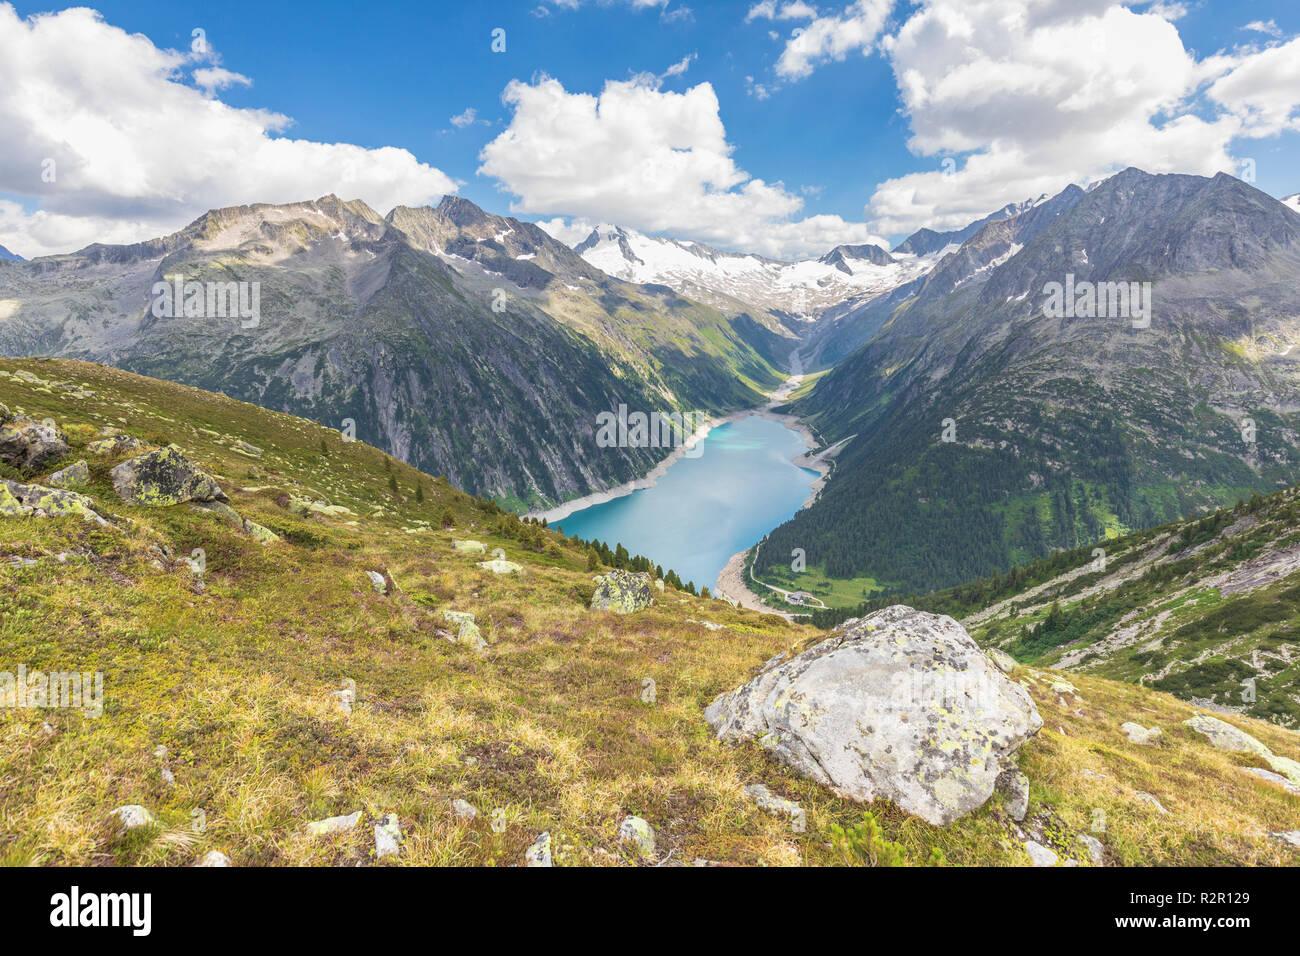 Schlegeis Strausee seen from near the Olperer Hut, Zillertal Alps, Tyrol, Schwaz district, Austria Stock Photo